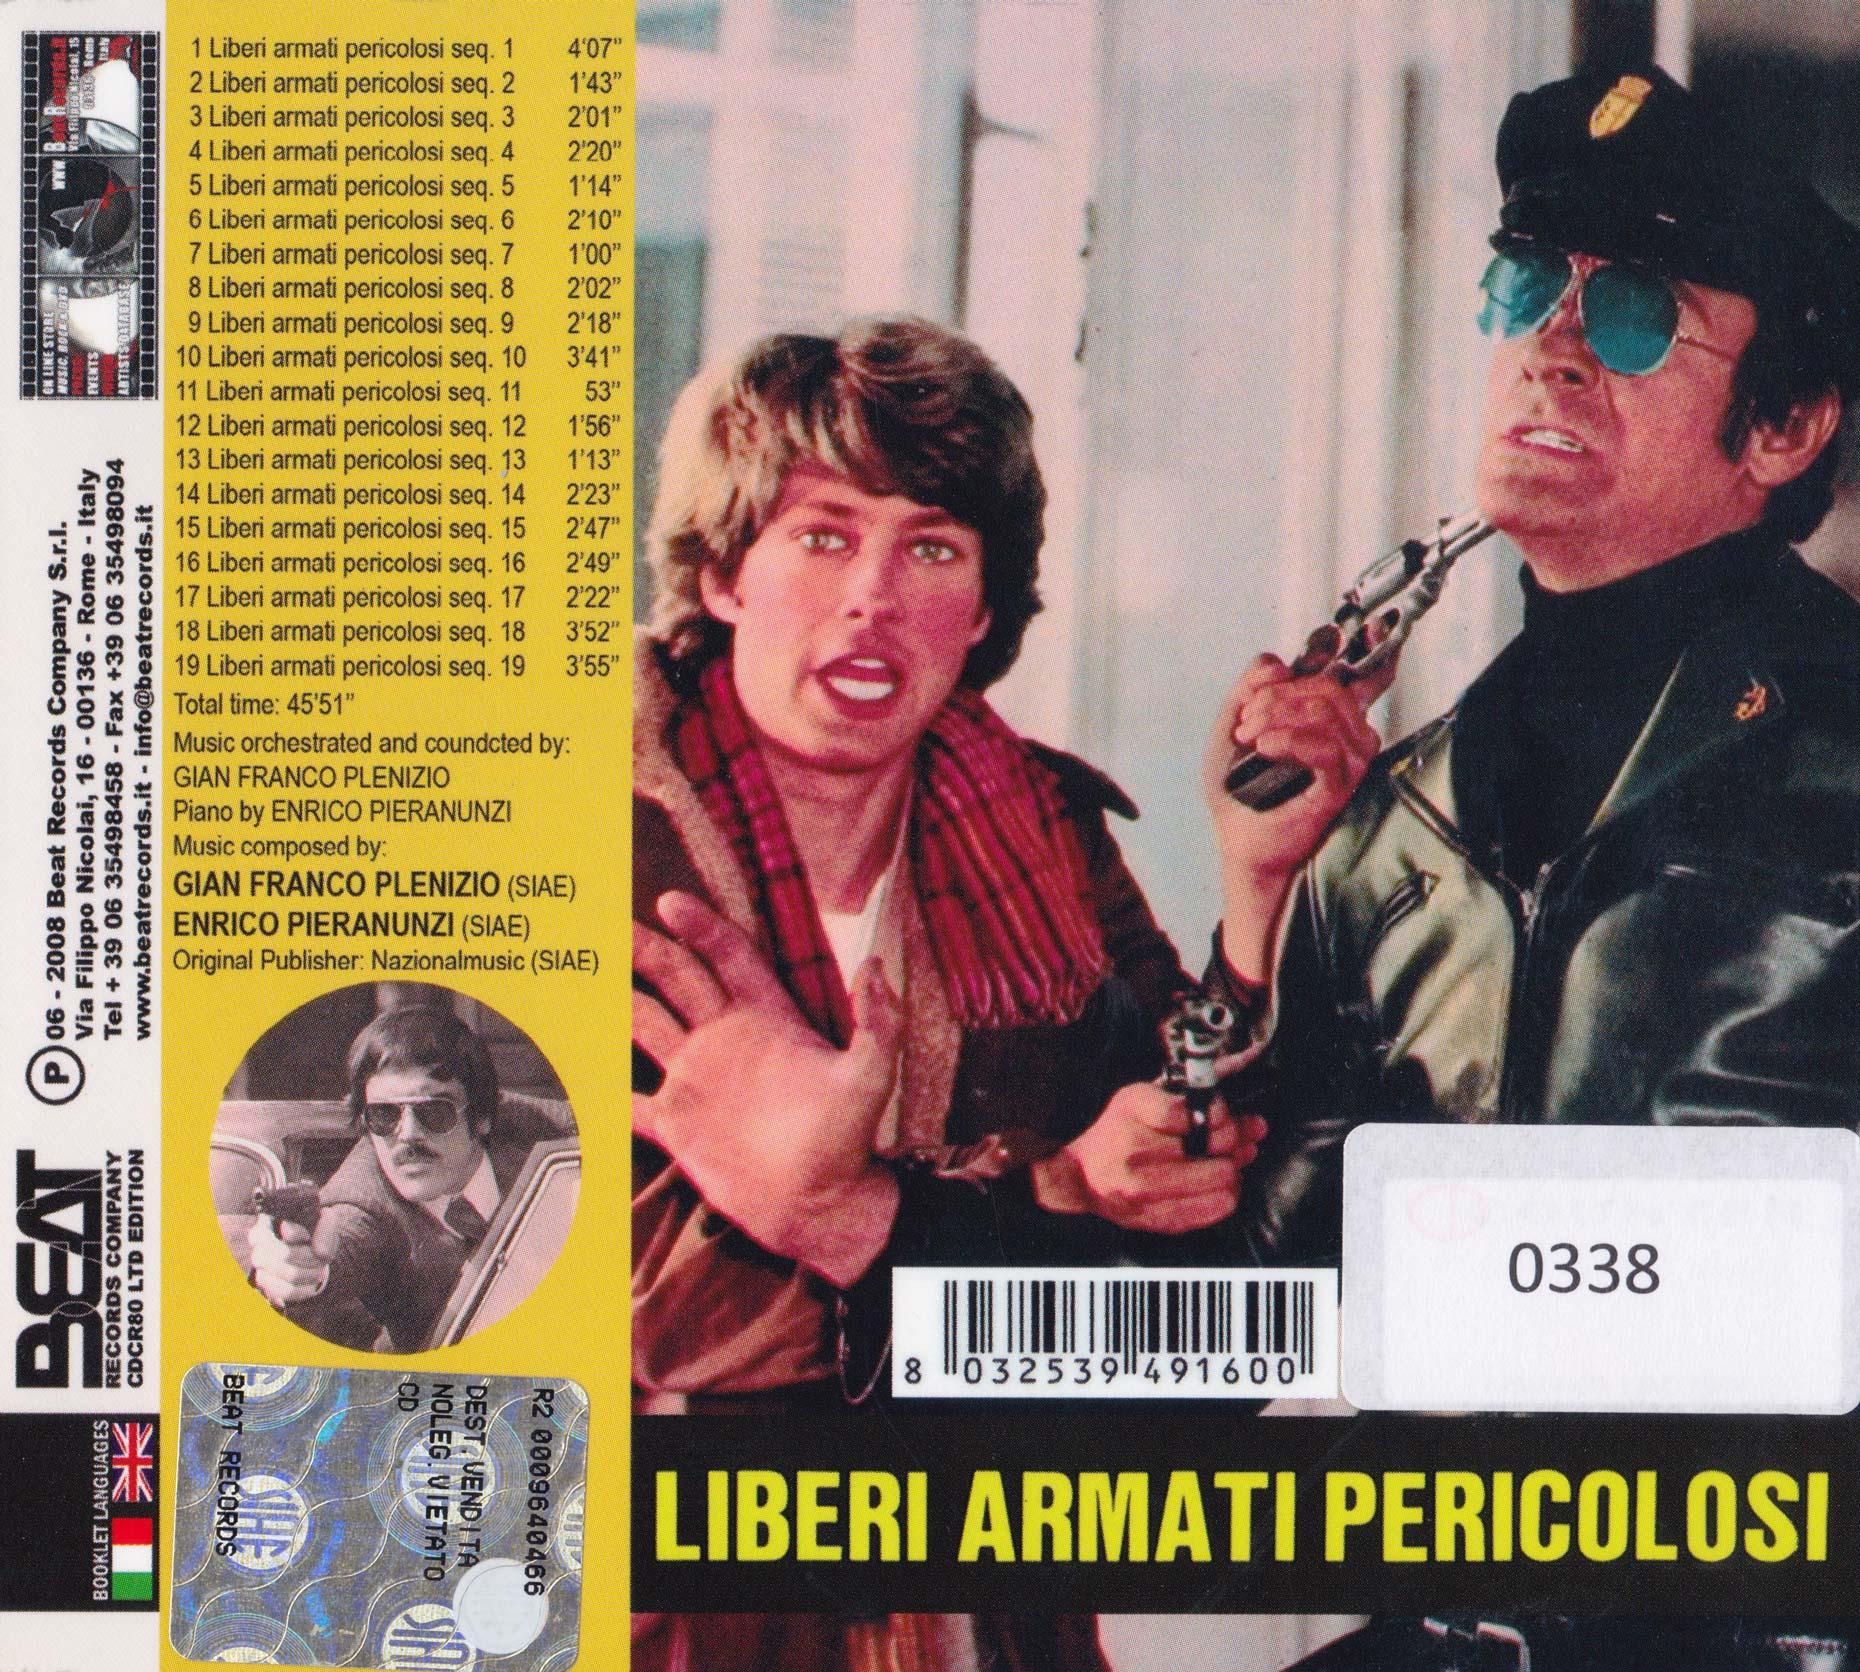 Liberi Armati Pericolosi retro cover PIERANUNZI Plenizio